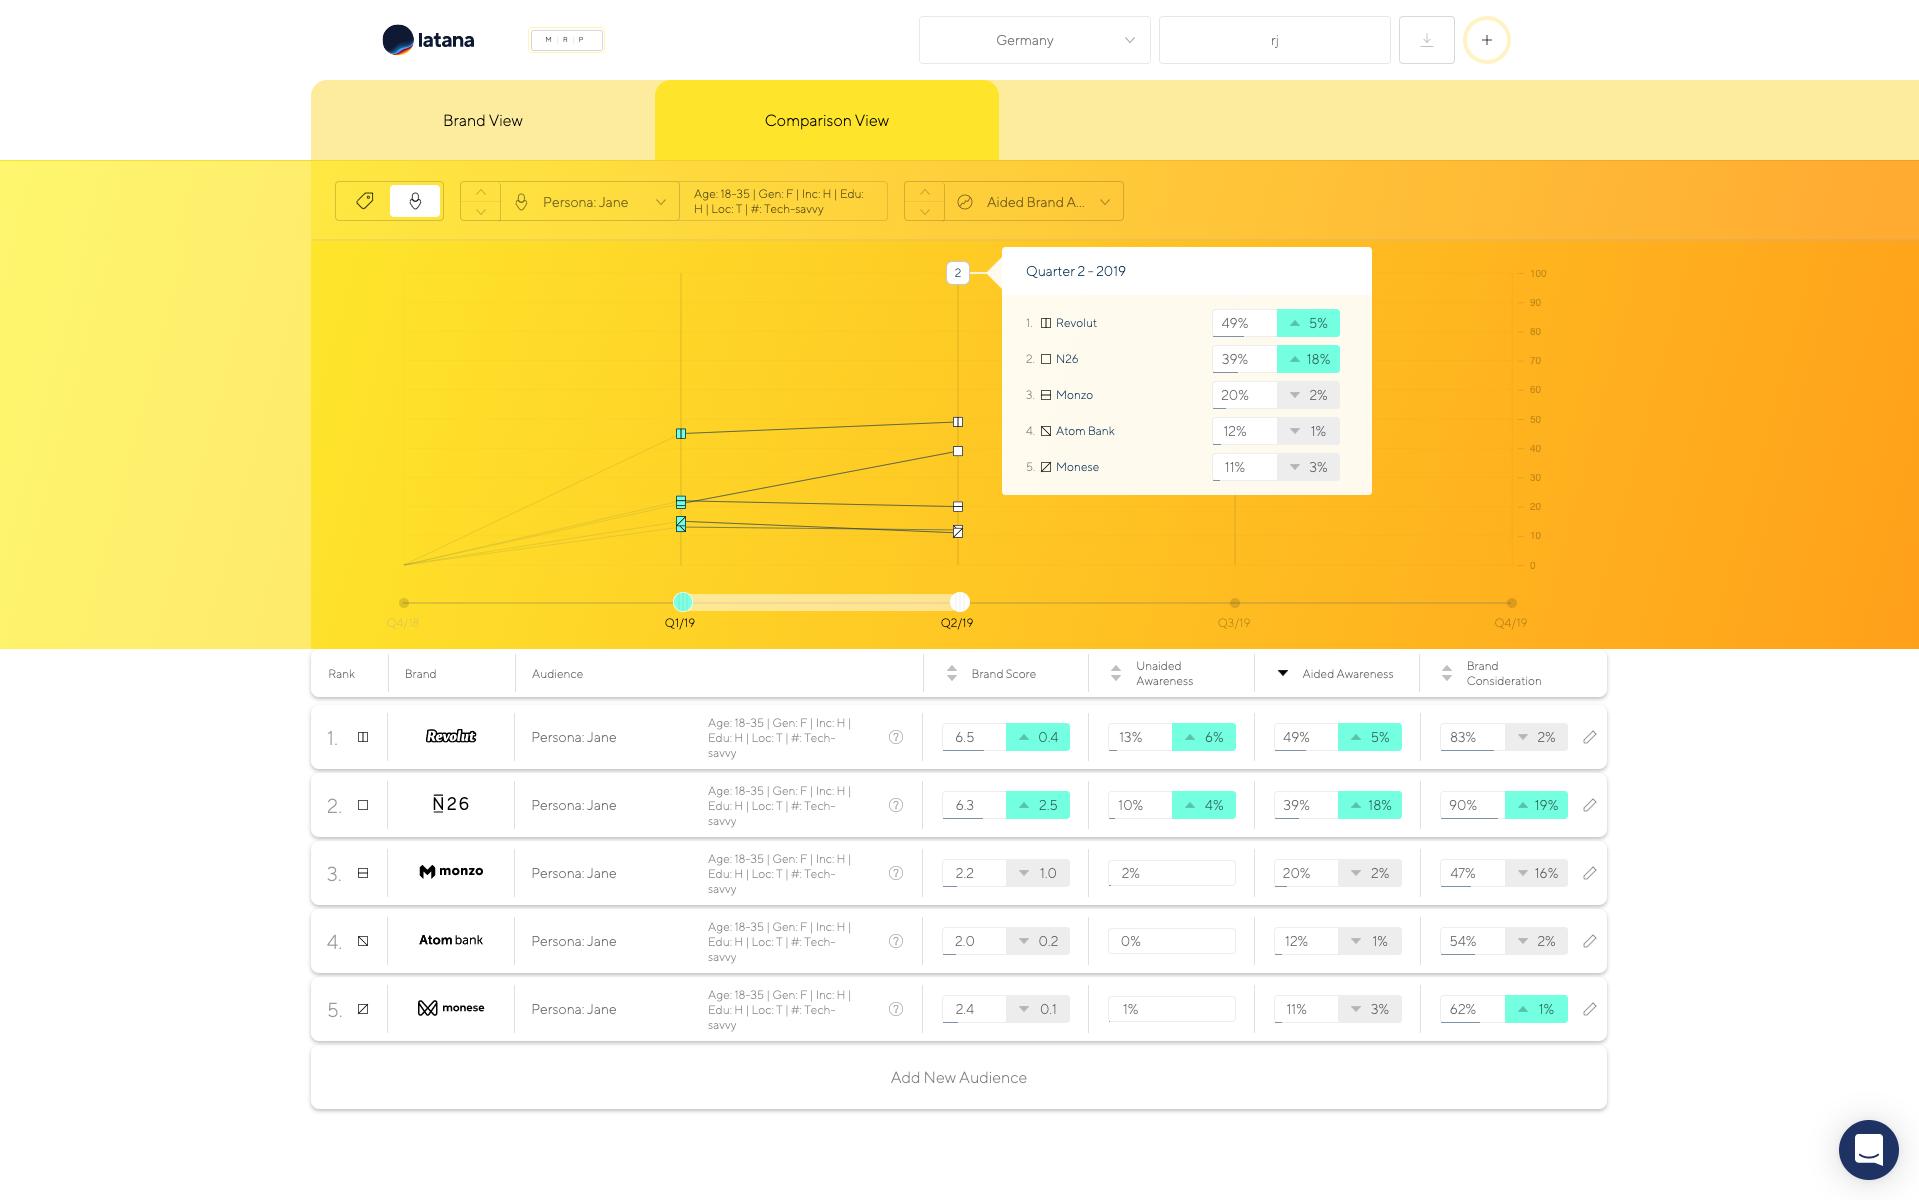 Latana brand analytics comparison view